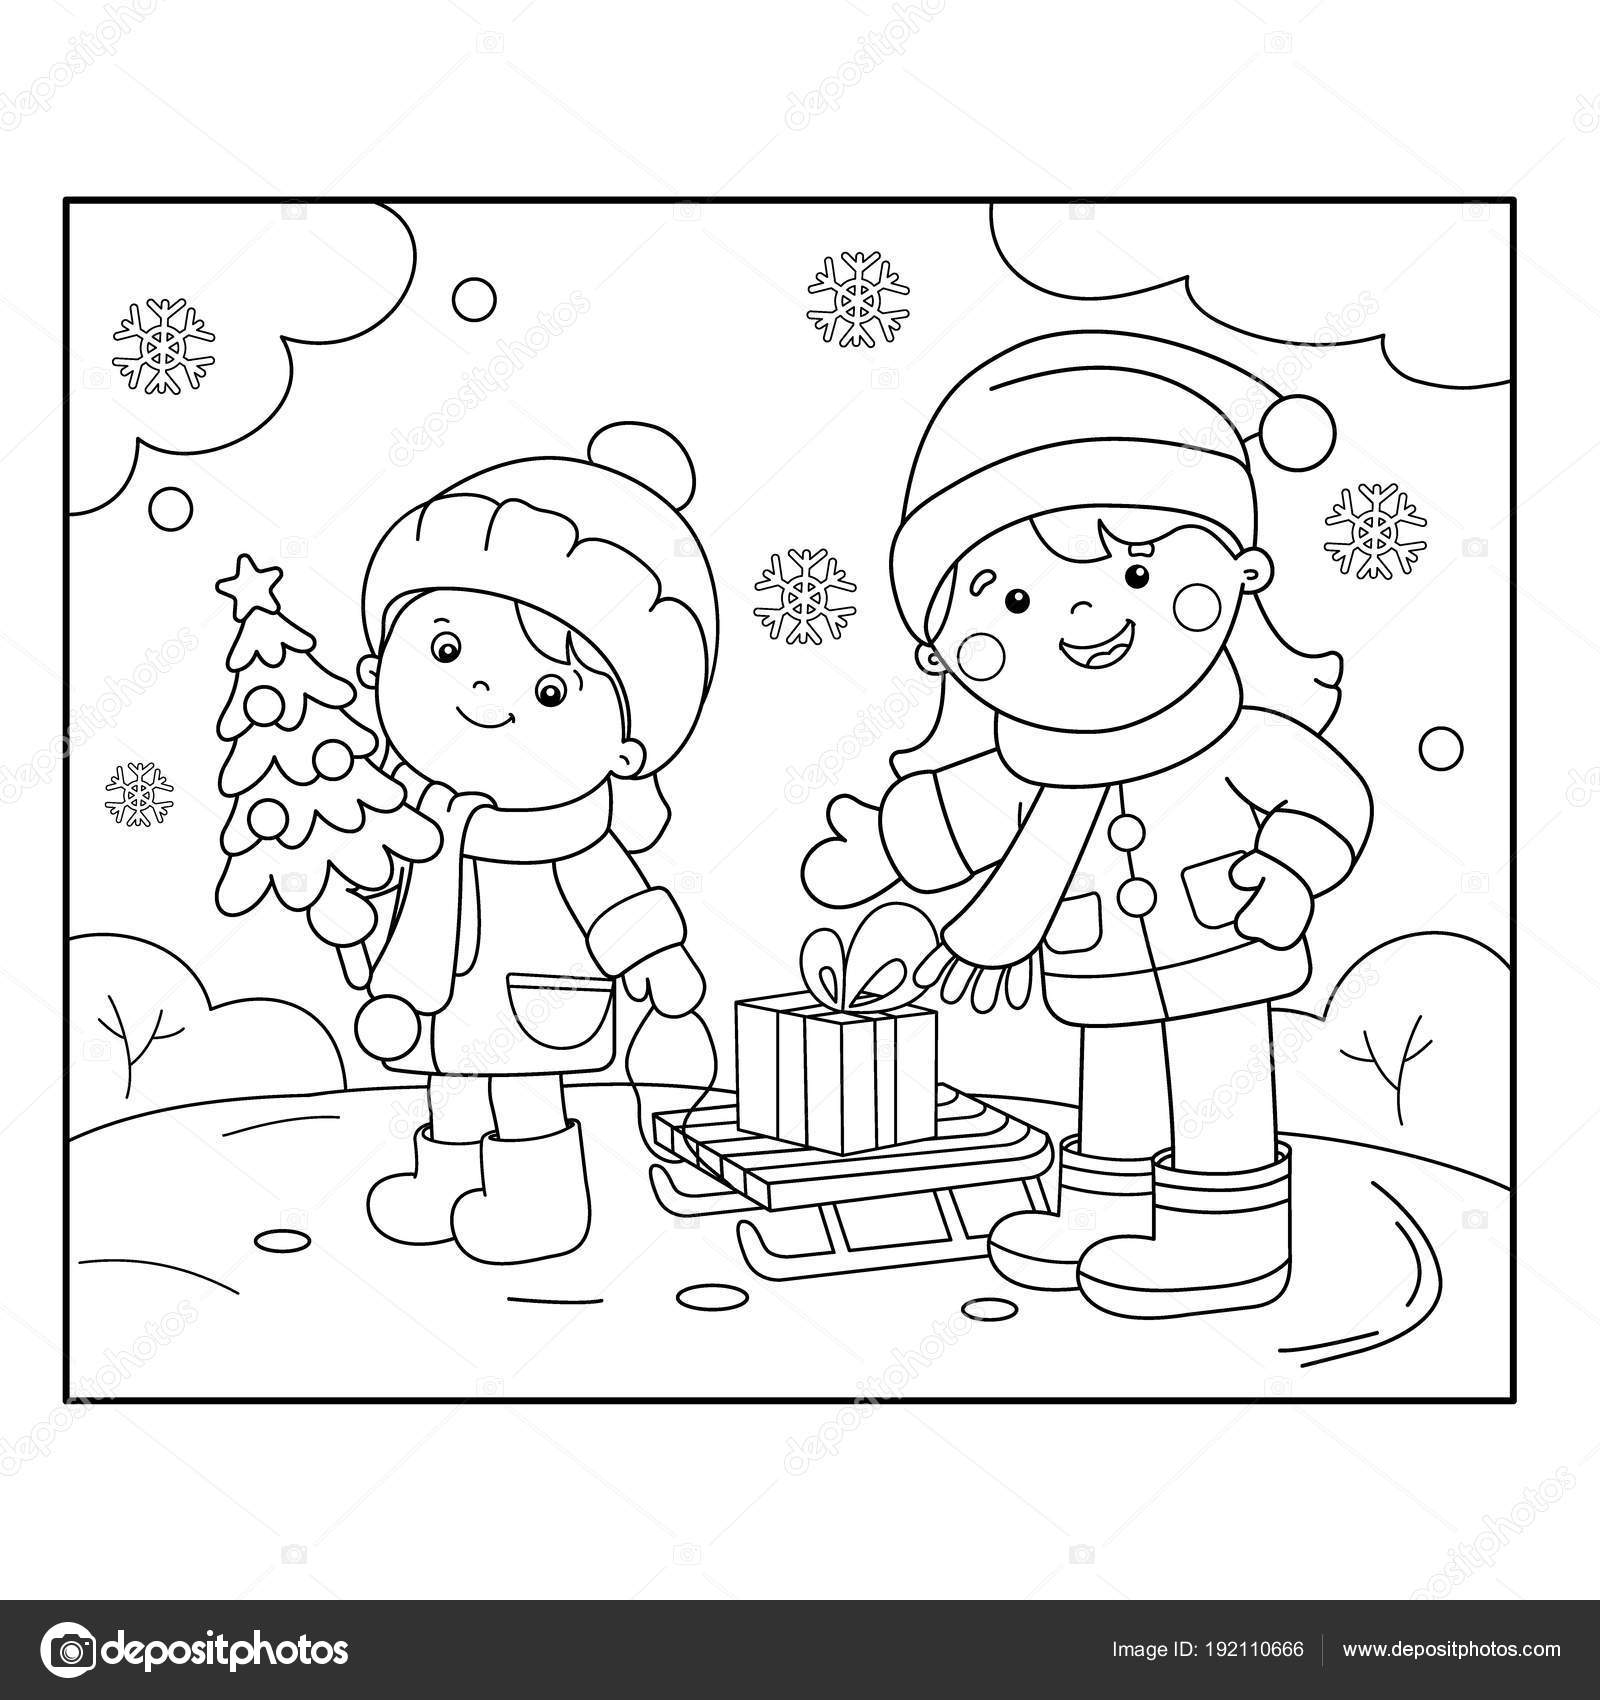 Kleurplaten Van Kerst En Nieuwjaar.Kleurplaat Pagina Overzicht Van Kinderen Met Geschenken Bij De